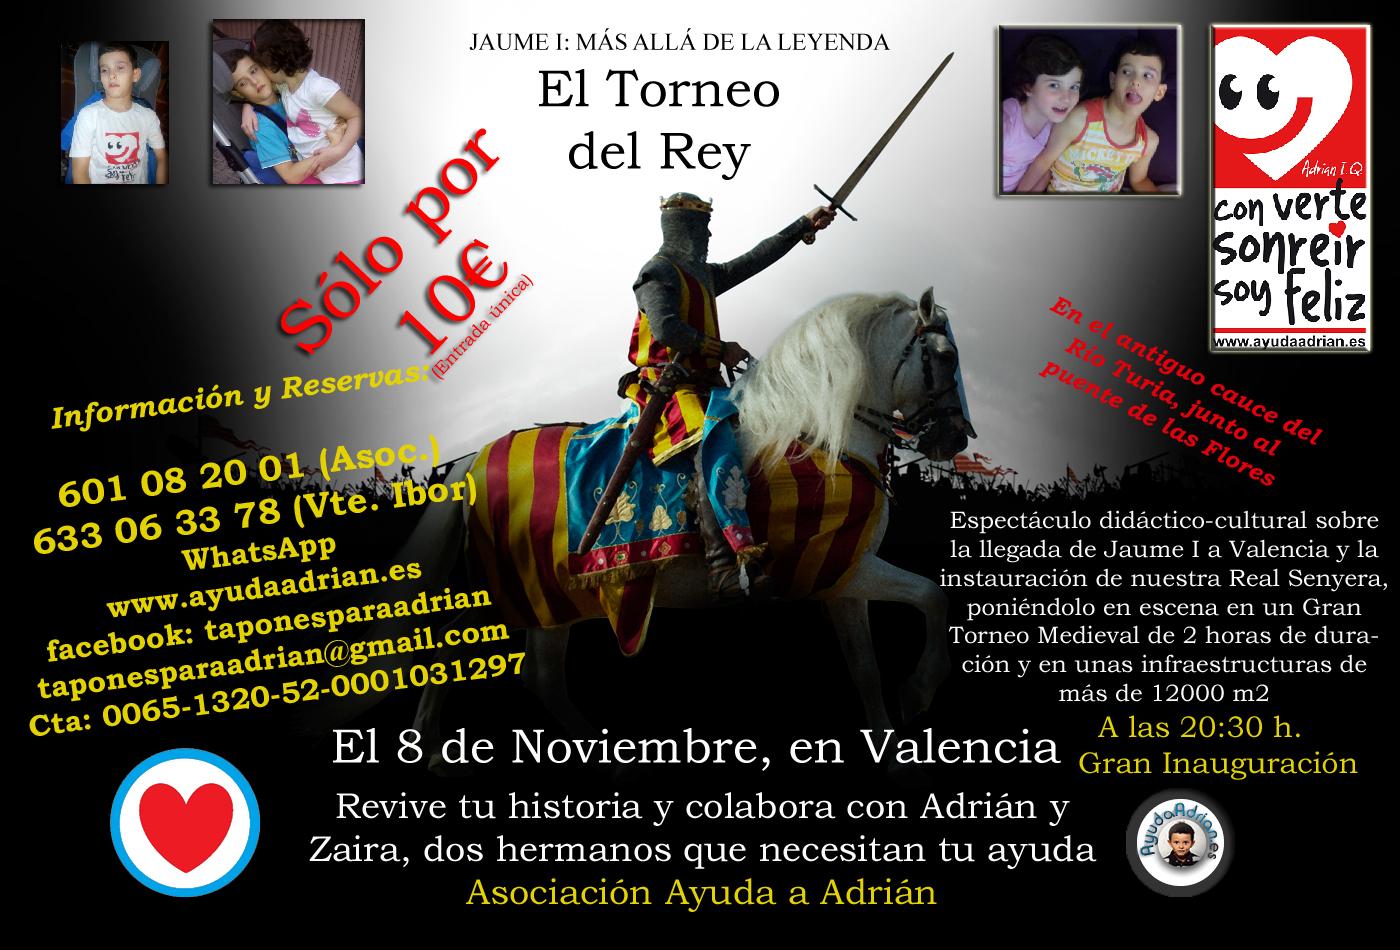 Colabora con Adrián el día 8 de Noviembre, en Valencia